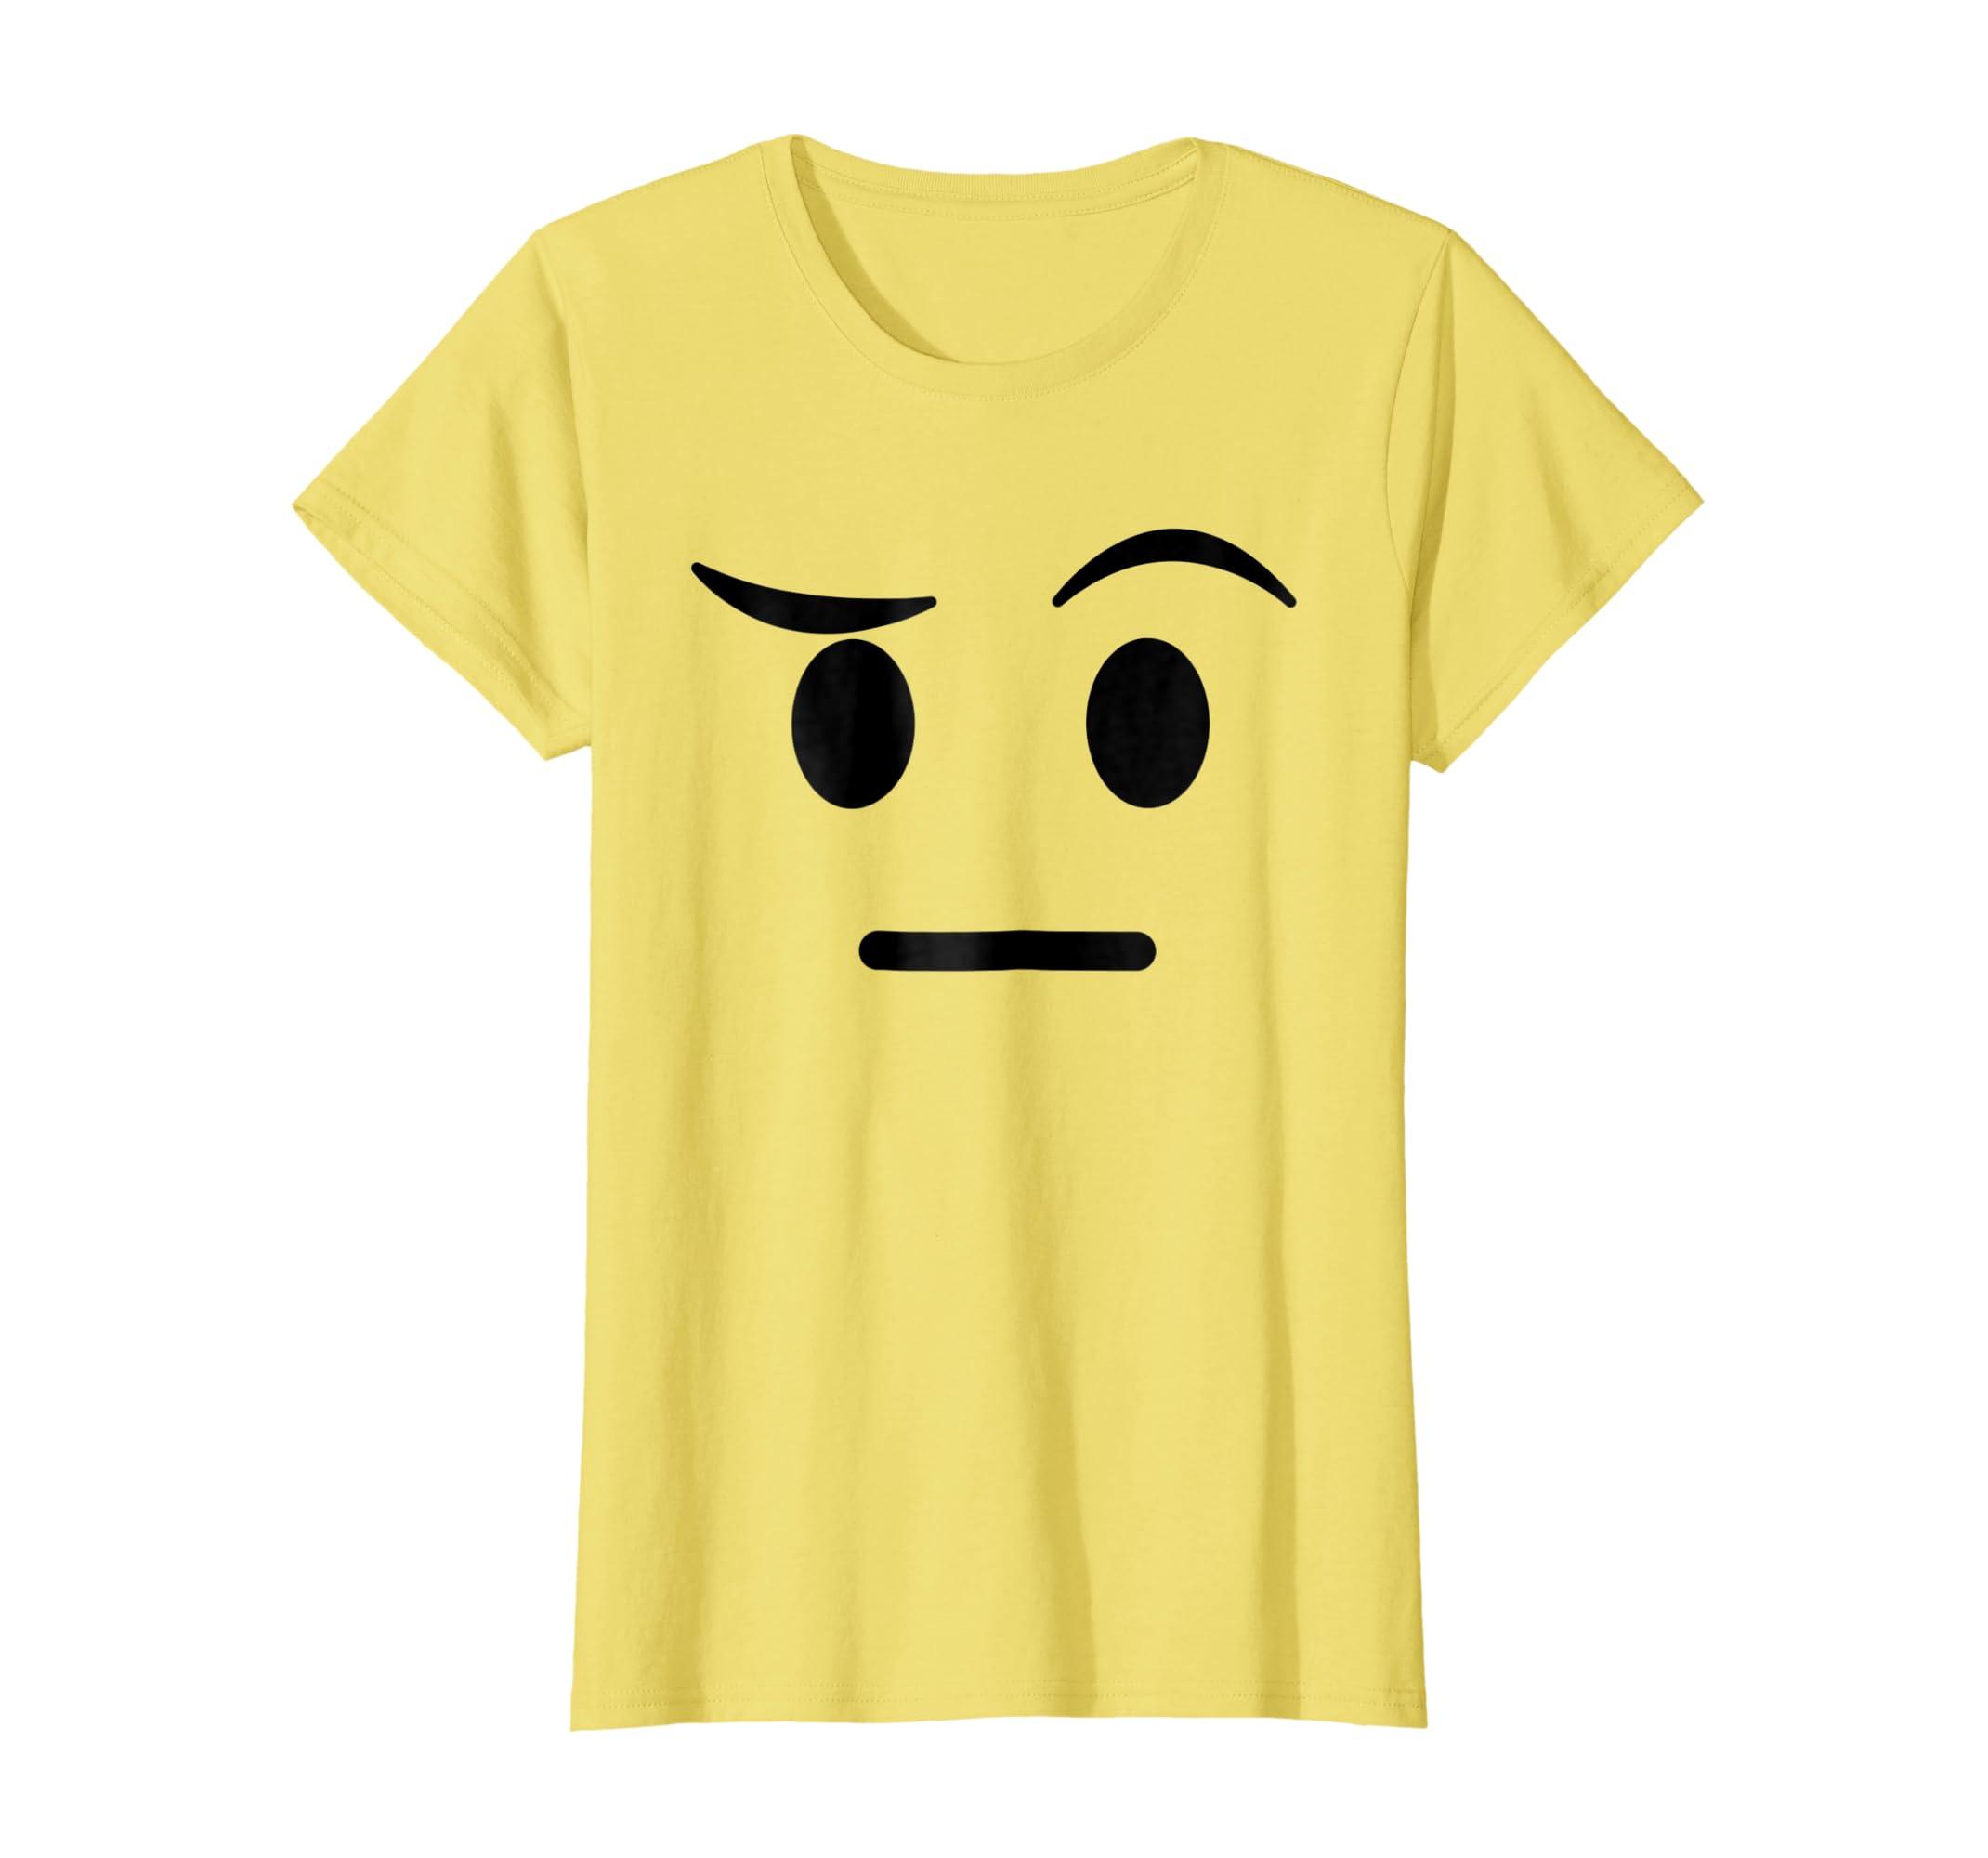 Amazon Halloween Emojis Costume Shirt Raised Eyebrow Sceptic